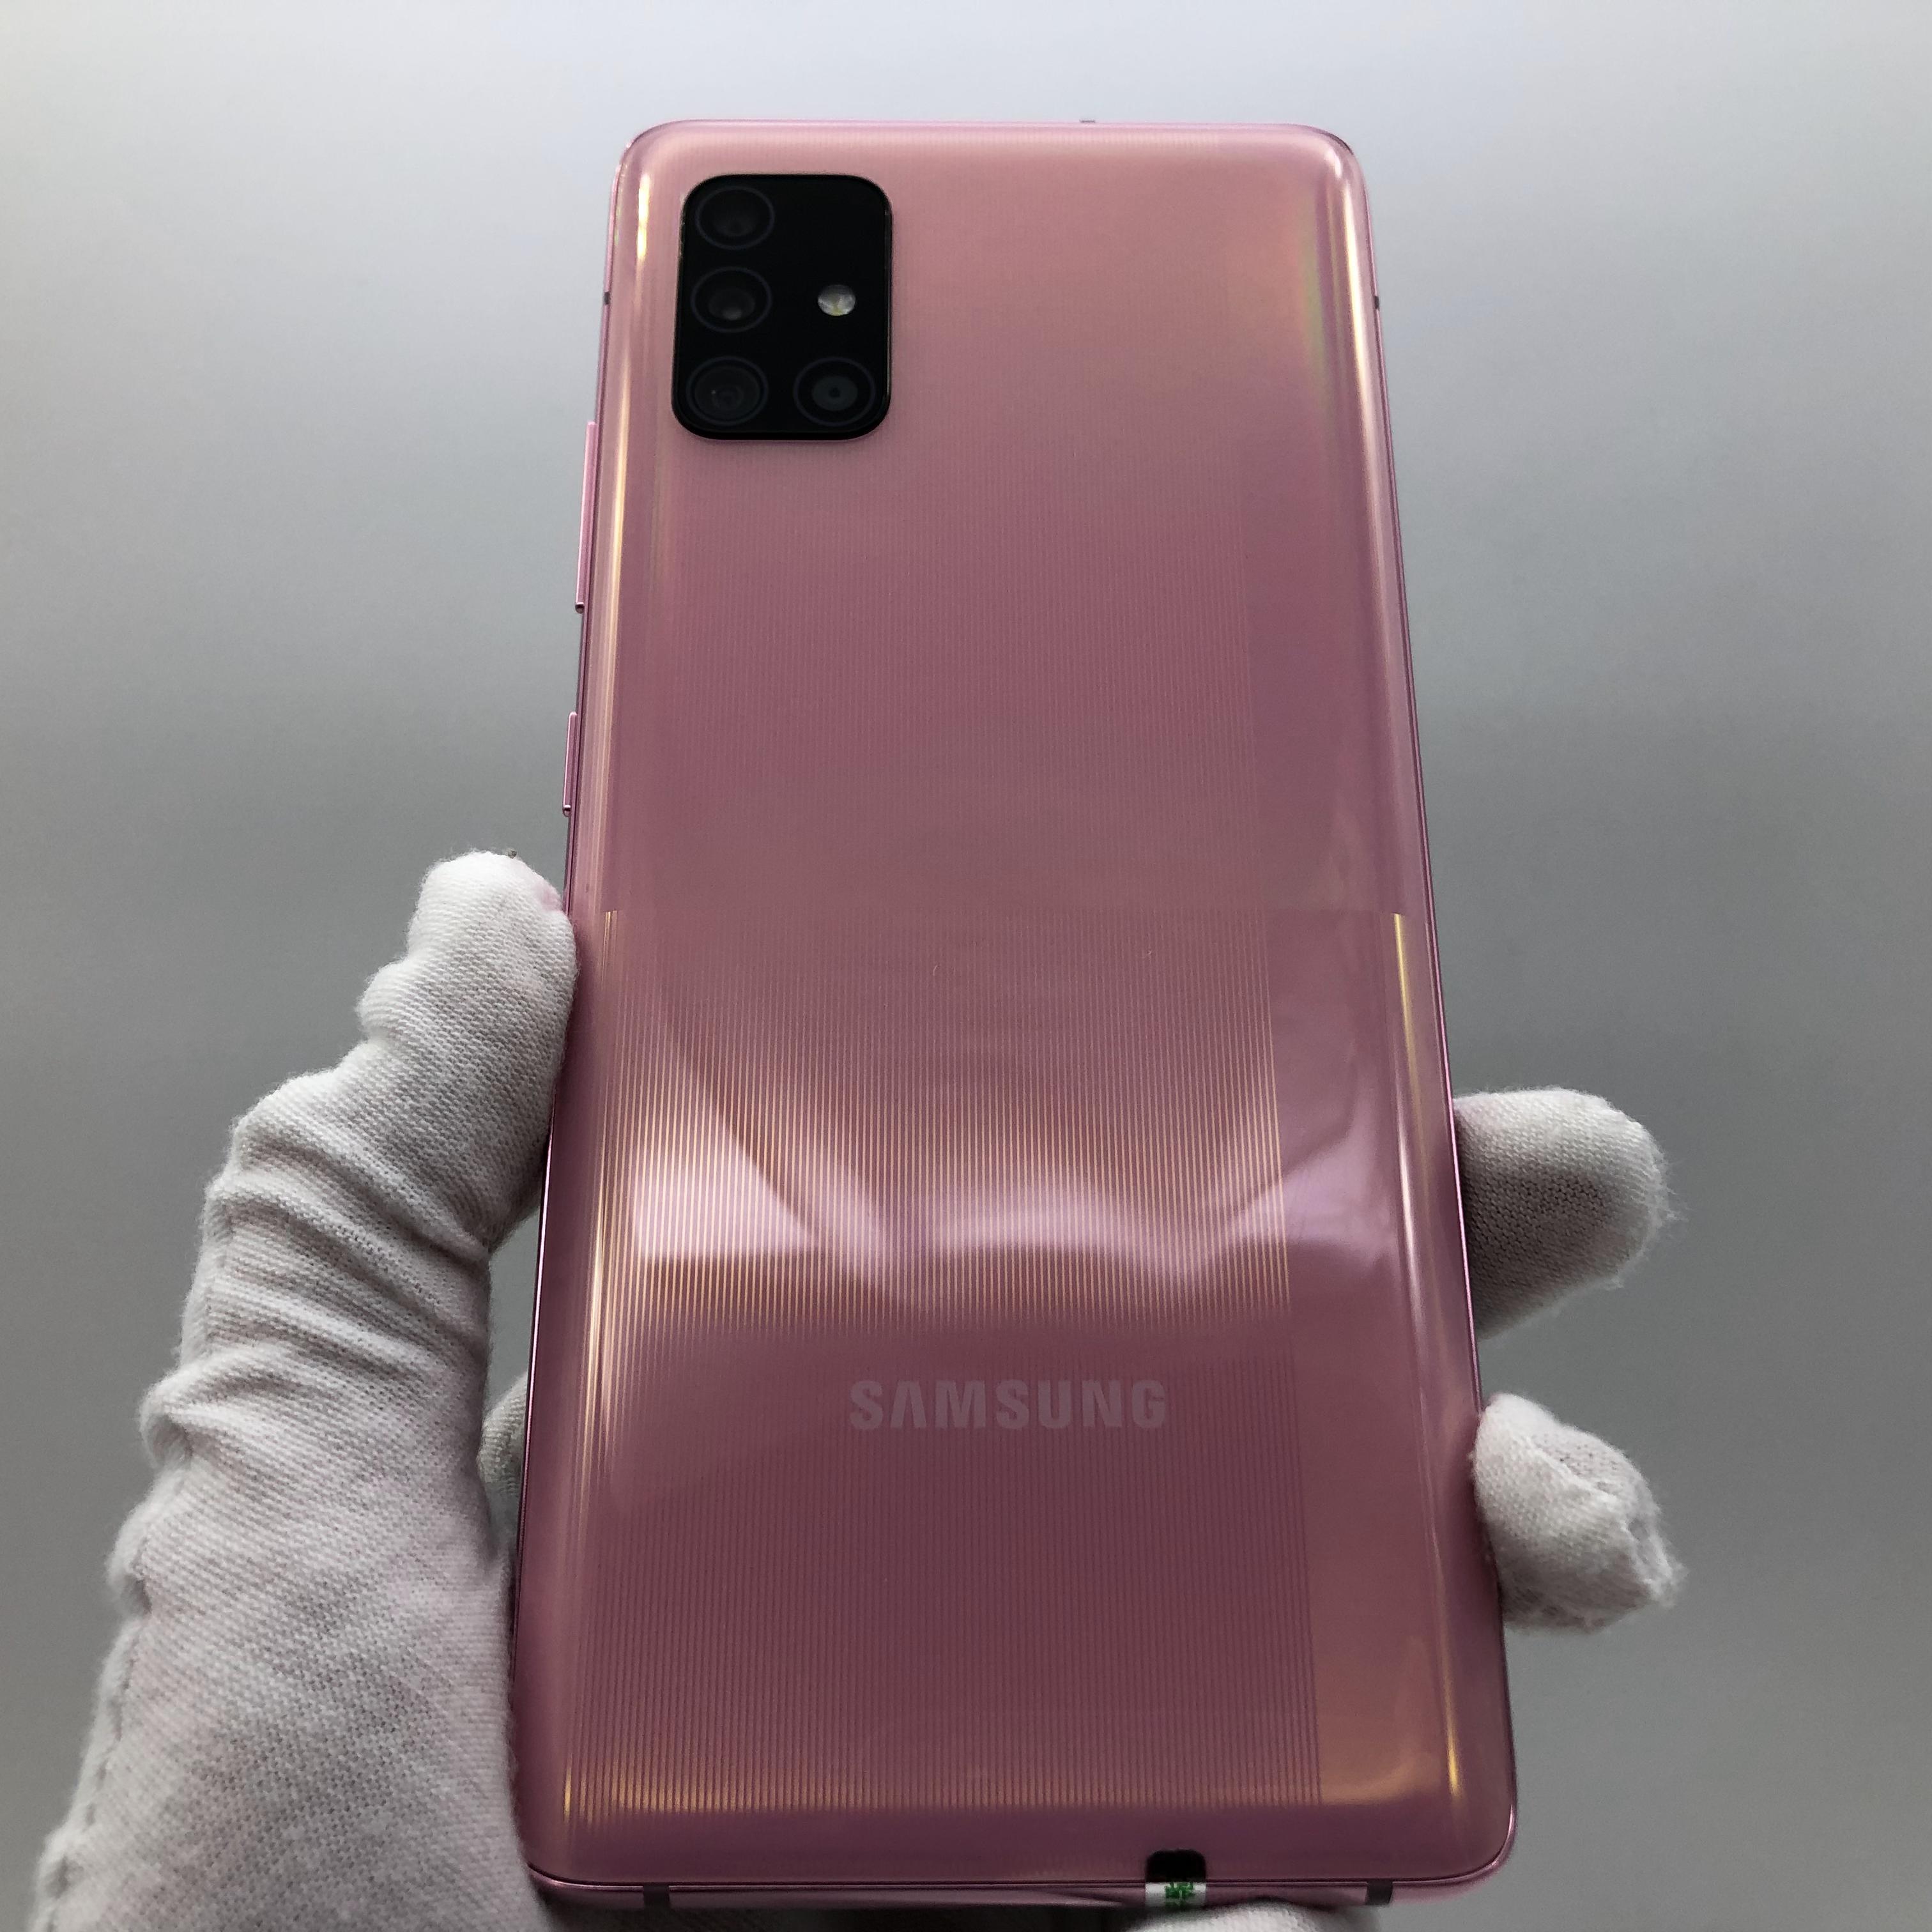 三星【Galaxy A51 5G】5G全网通 落英粉 8G/128G 国行 95新